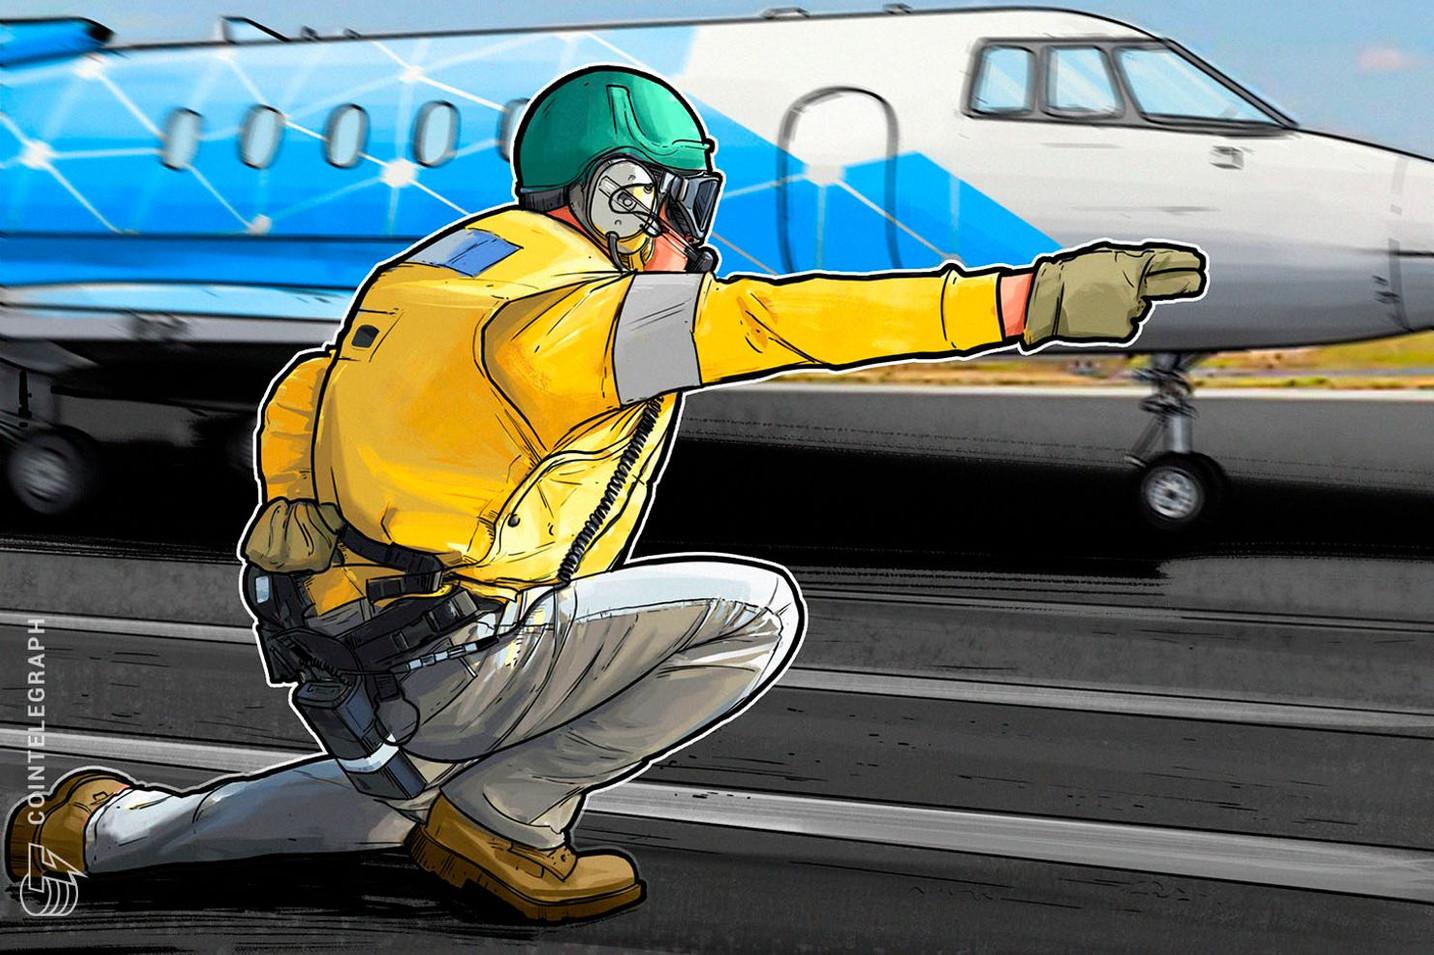 仮想通貨取引所Zaif、ビットコインとモナコインの決済サービスが再開【ニュース】